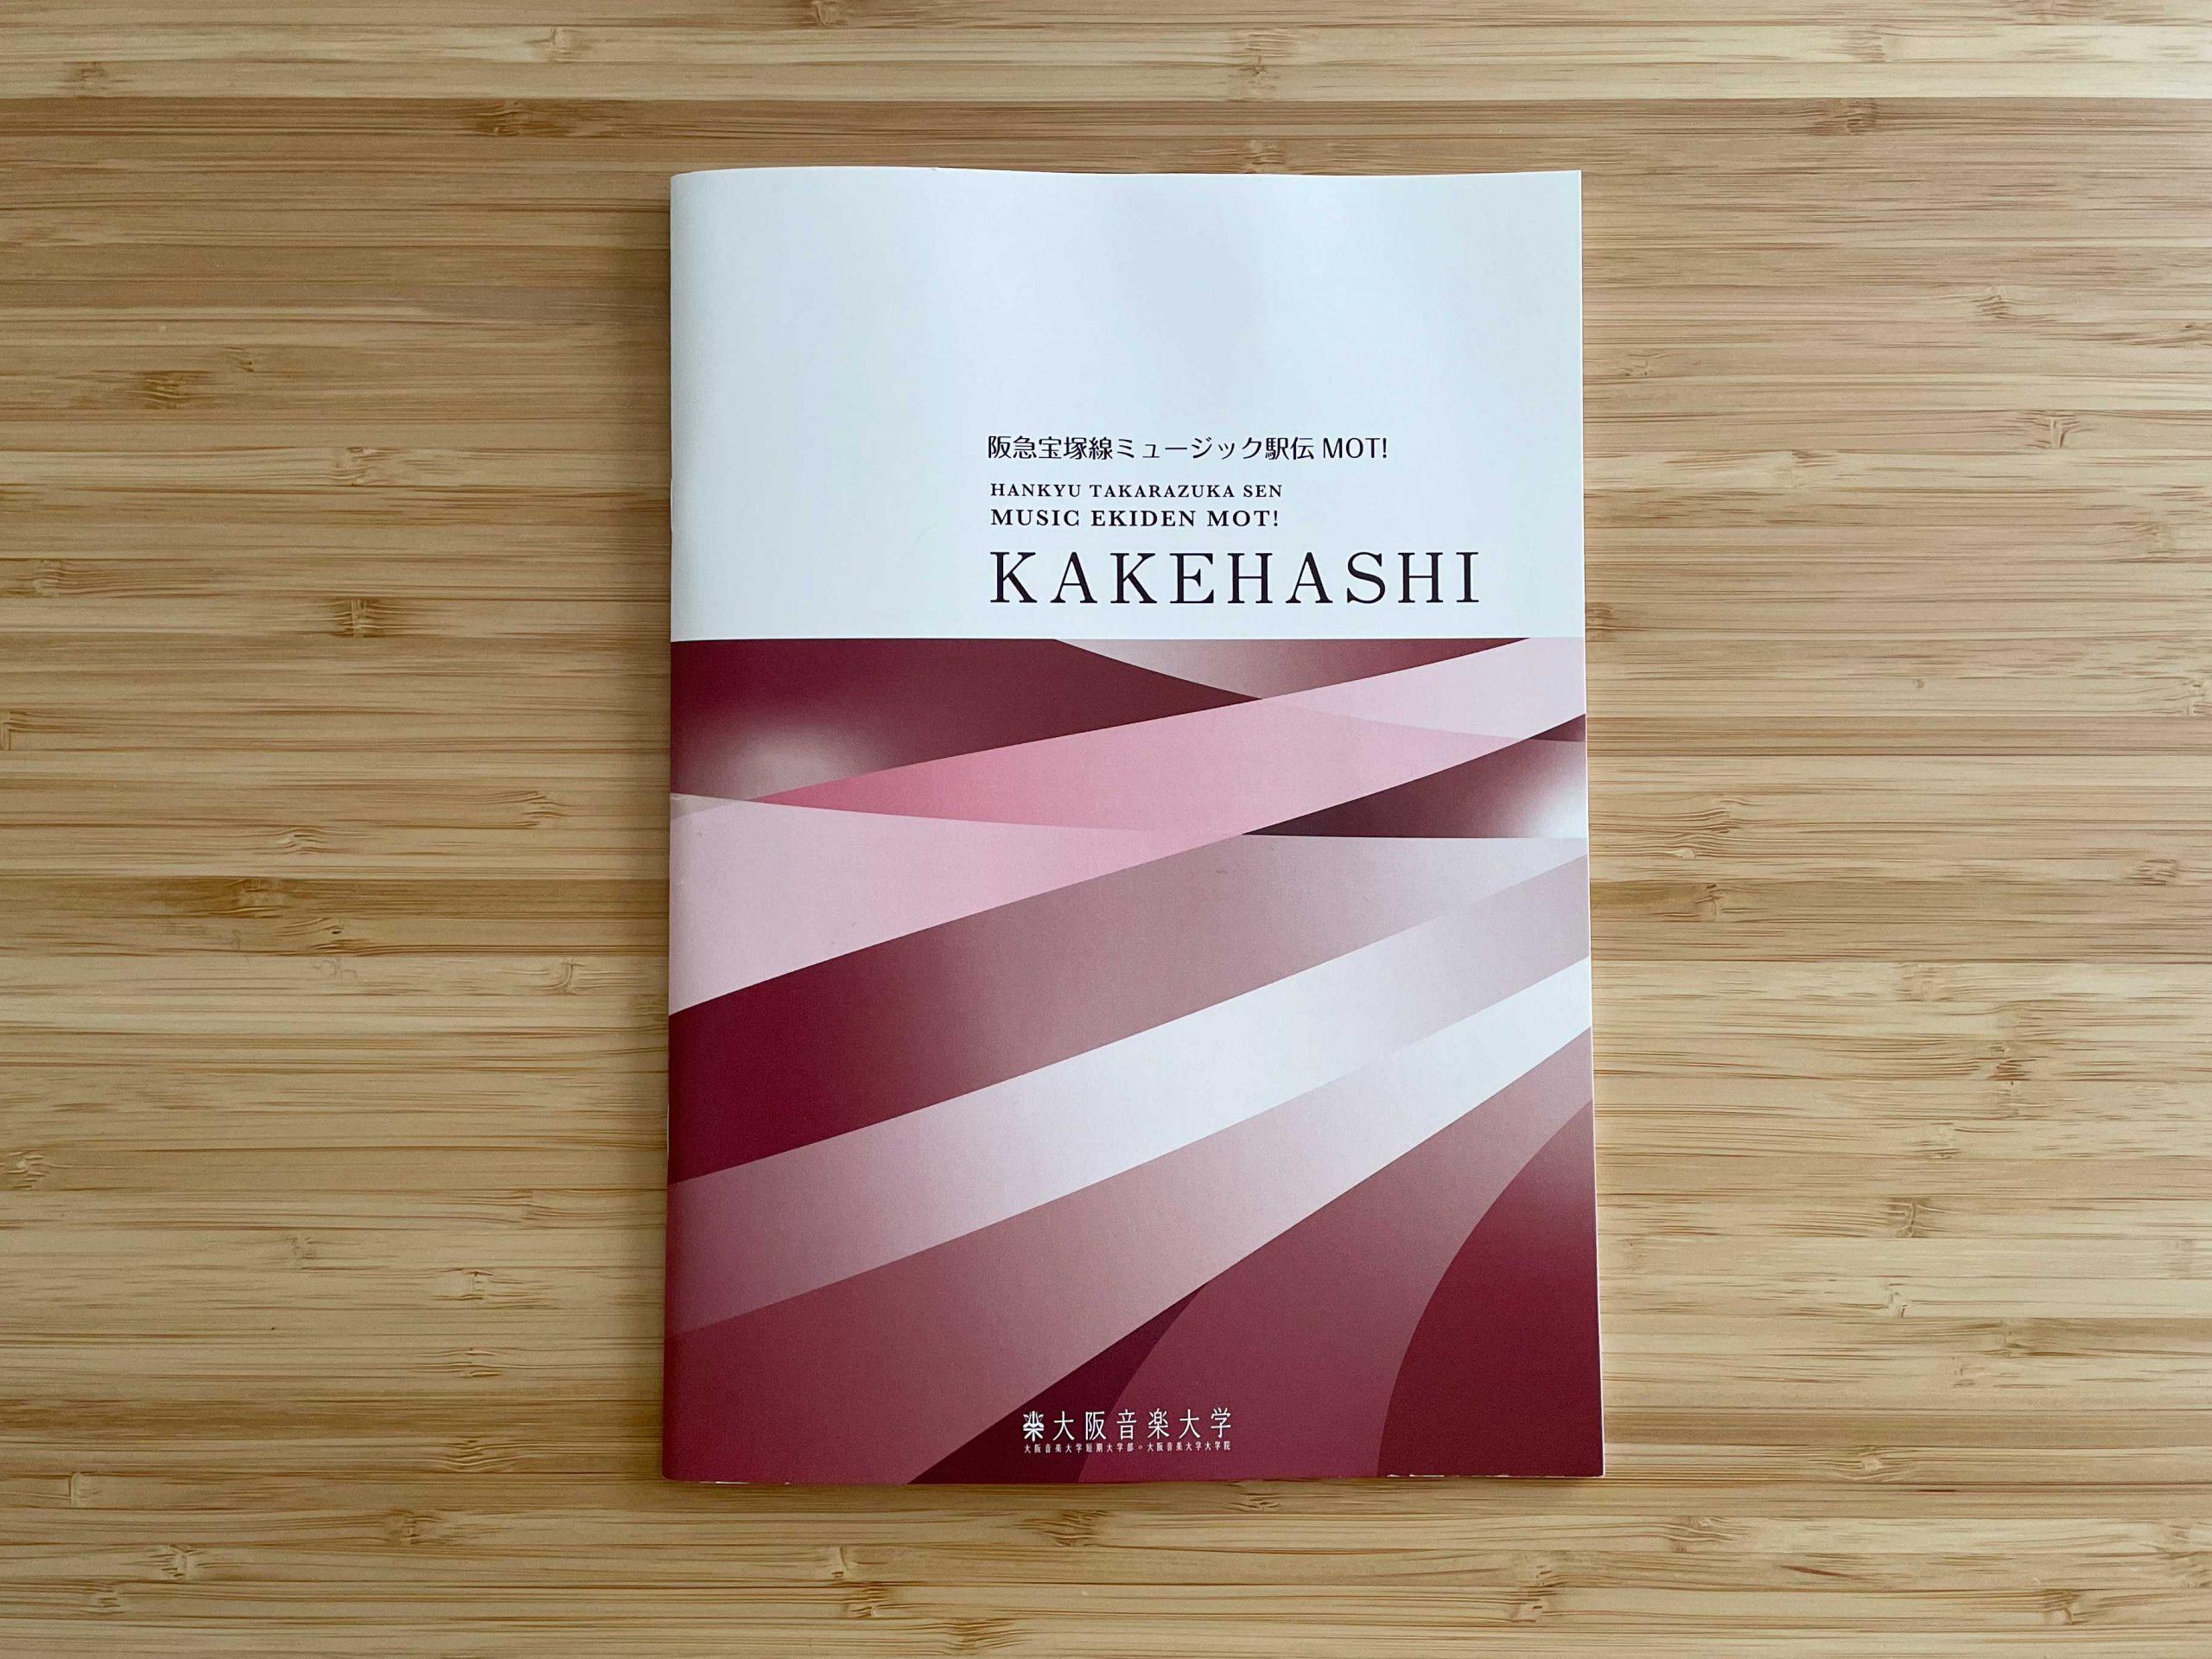 阪急宝塚線ミュージック駅伝MOT!「KAKEHASHI」完成